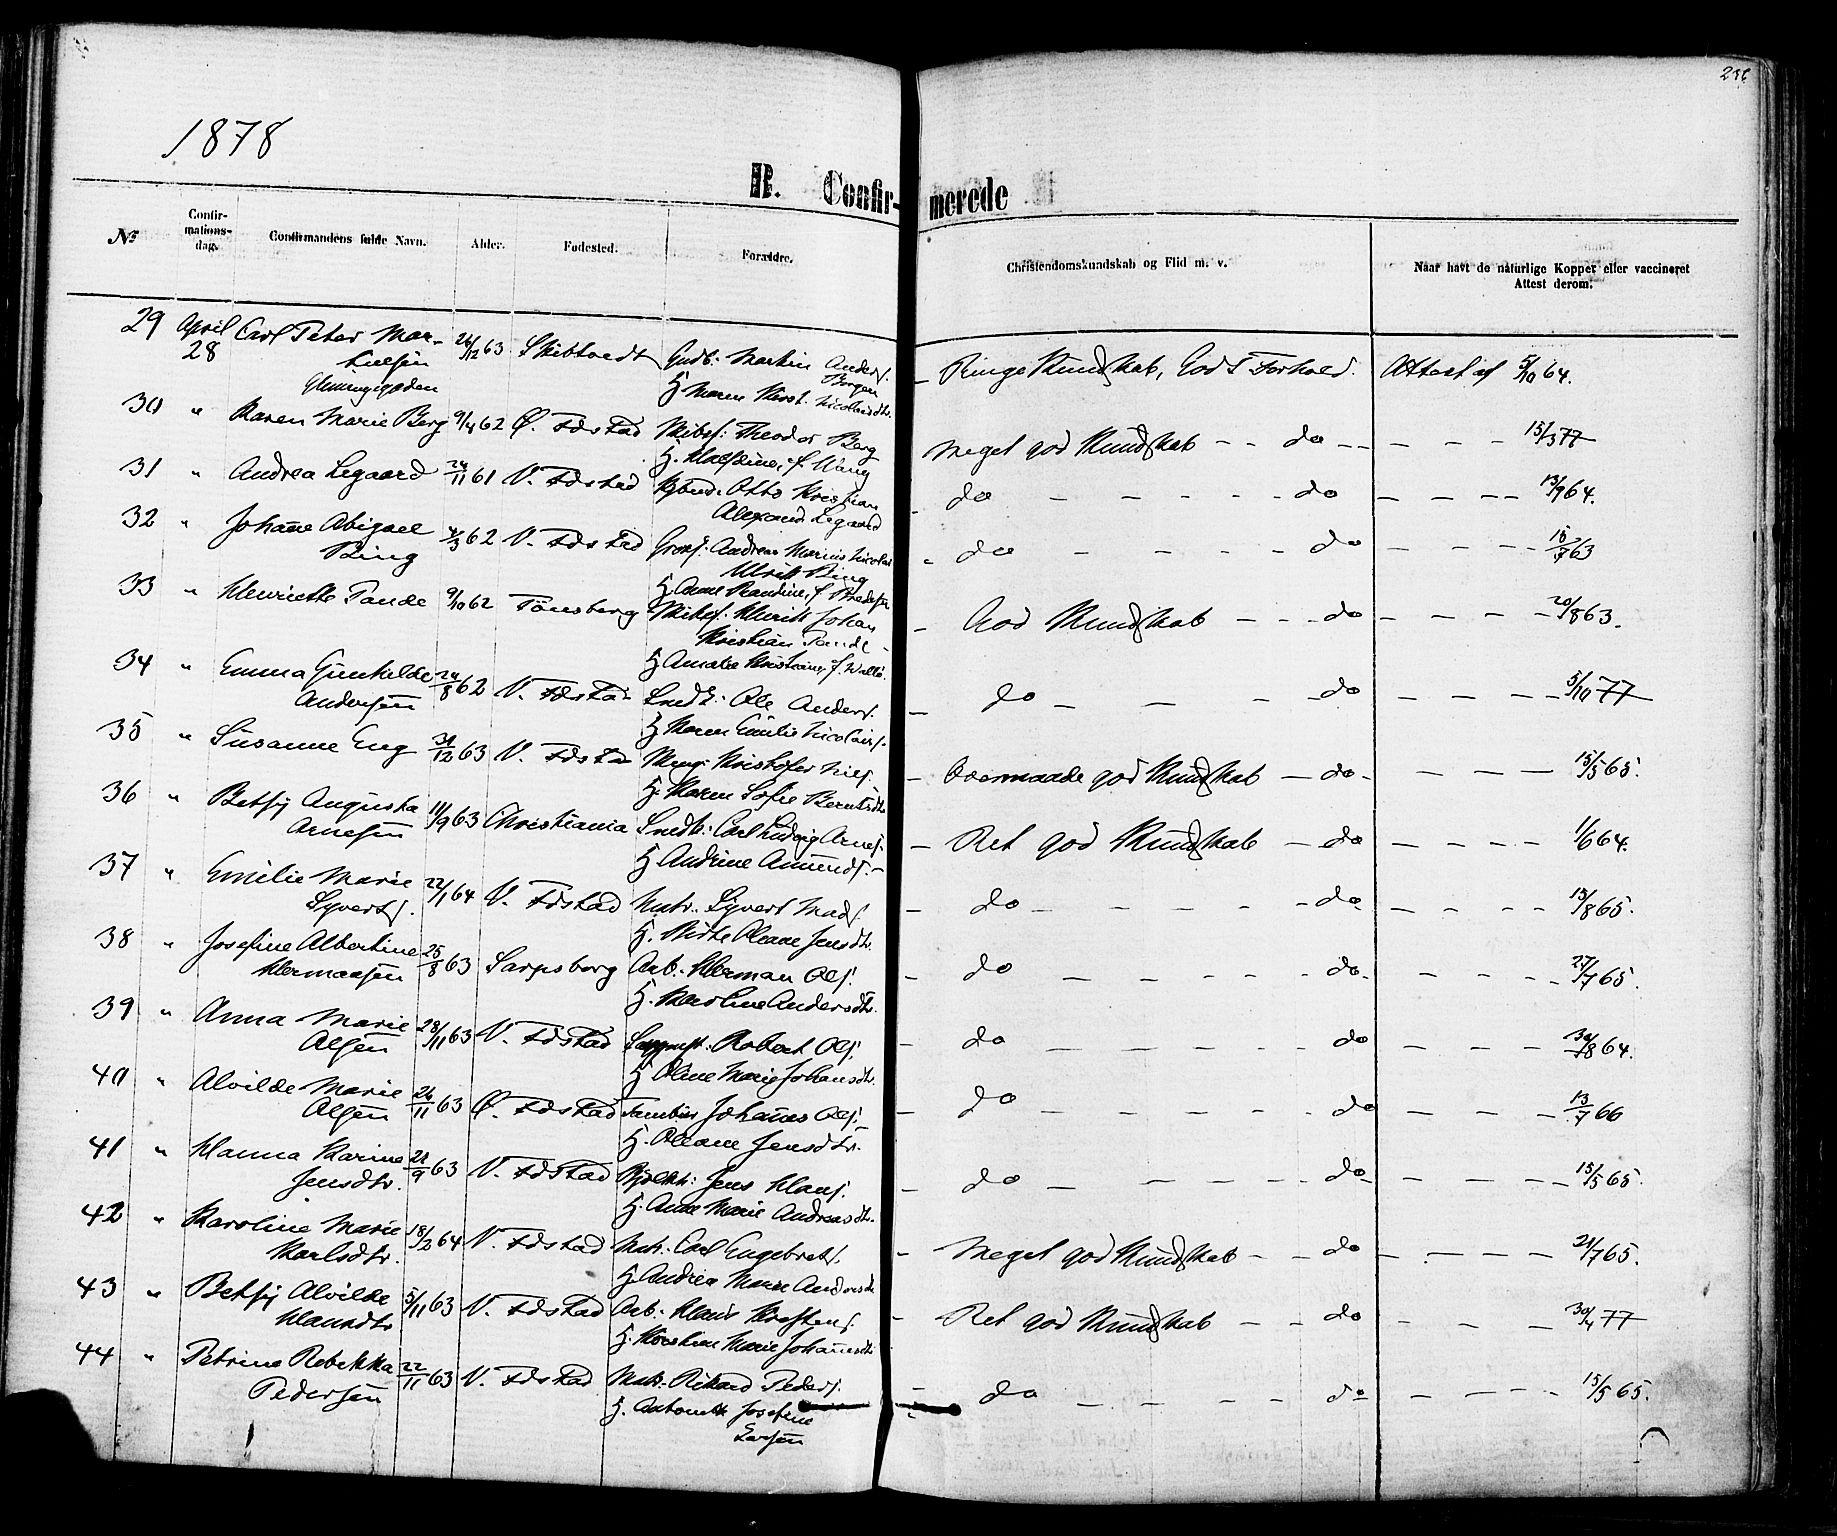 SAO, Vestre Fredrikstad prestekontor Kirkebøker, F/Fa/L0001: Ministerialbok nr. 1, 1871-1878, s. 236